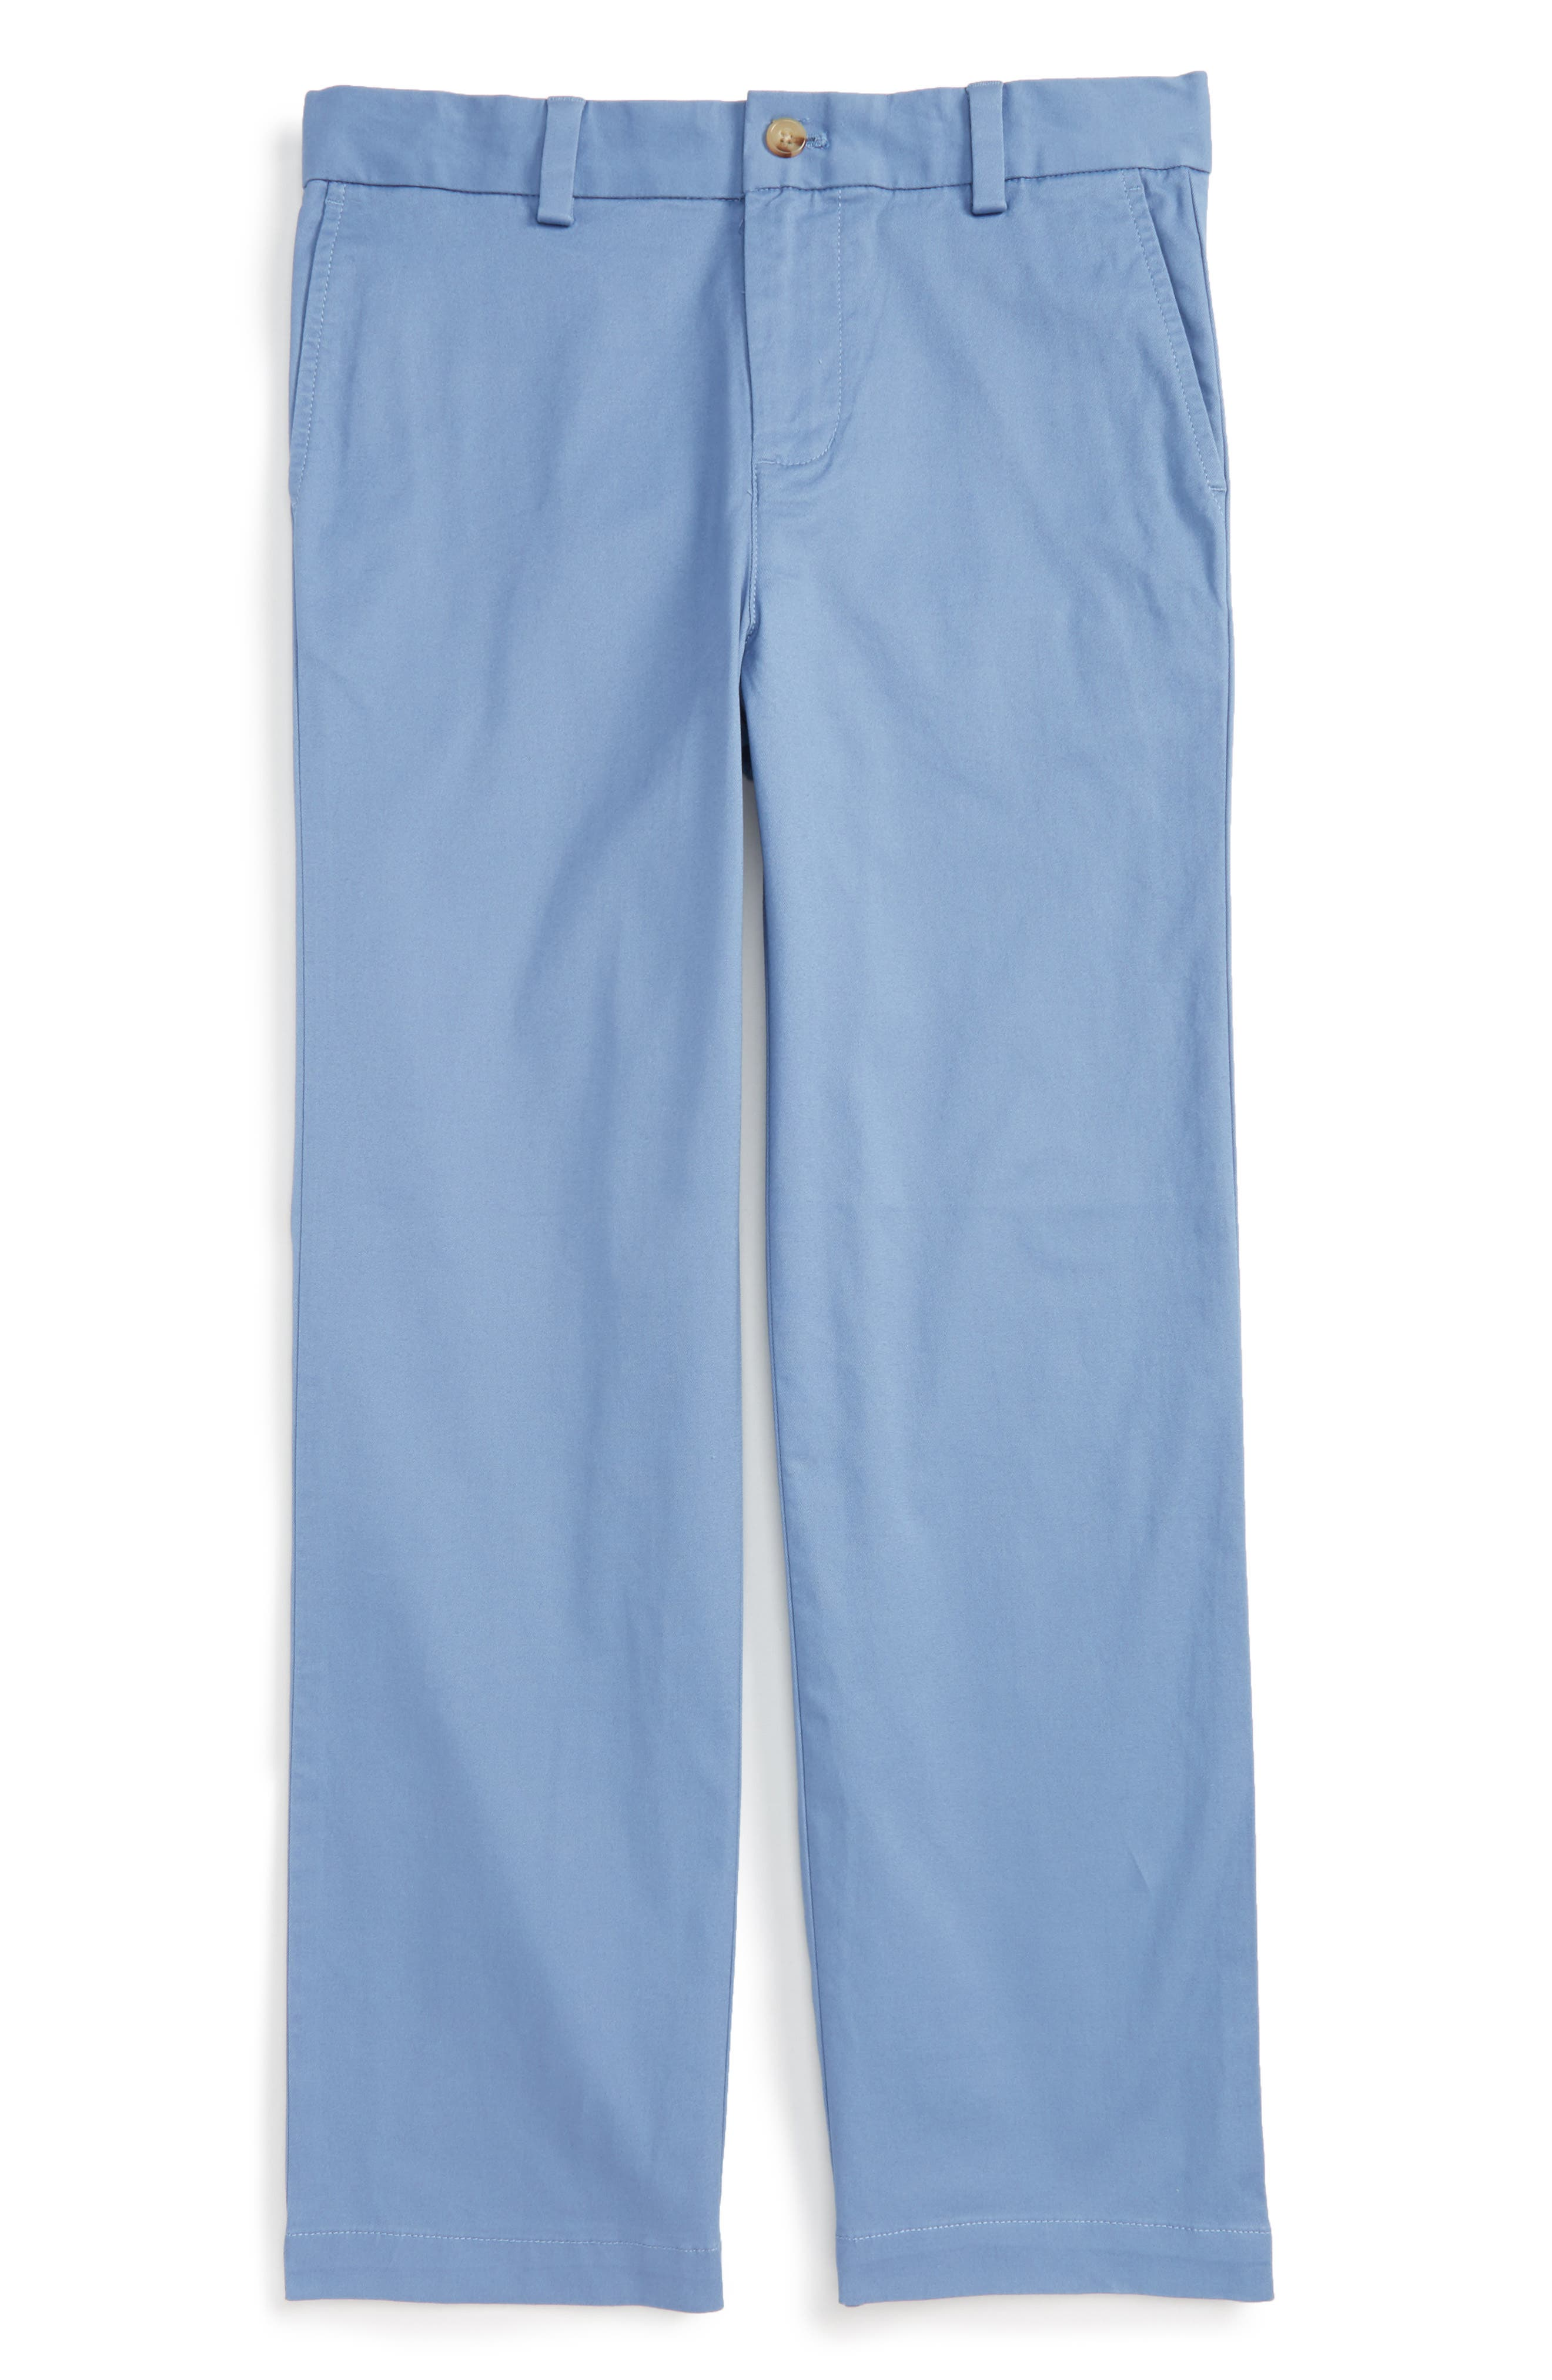 Vineyard Vines 'Breaker' Pants (Big Boys)